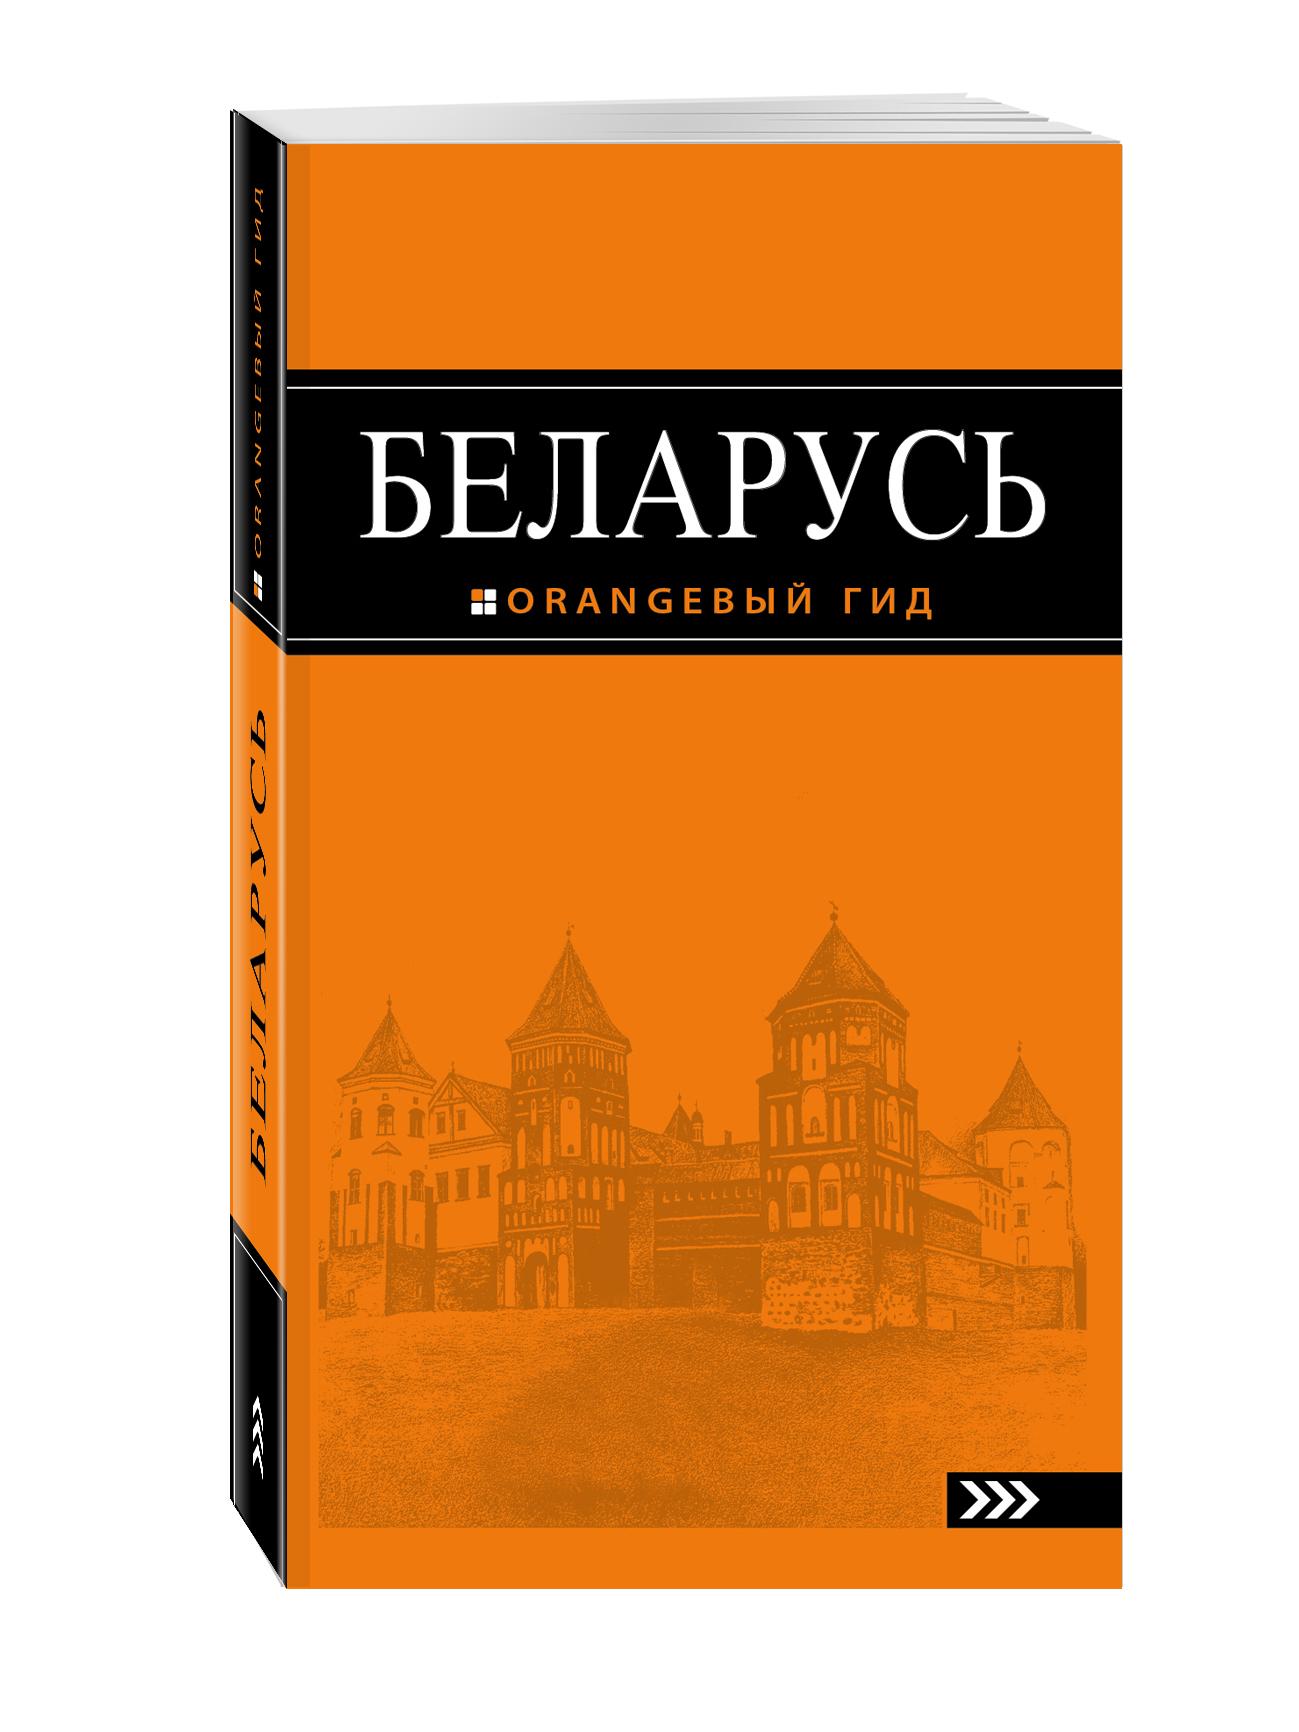 Кирпа С. Беларусь: путеводитель. 3-е изд., испр. и доп. как автомобиль россиянину в беларуси